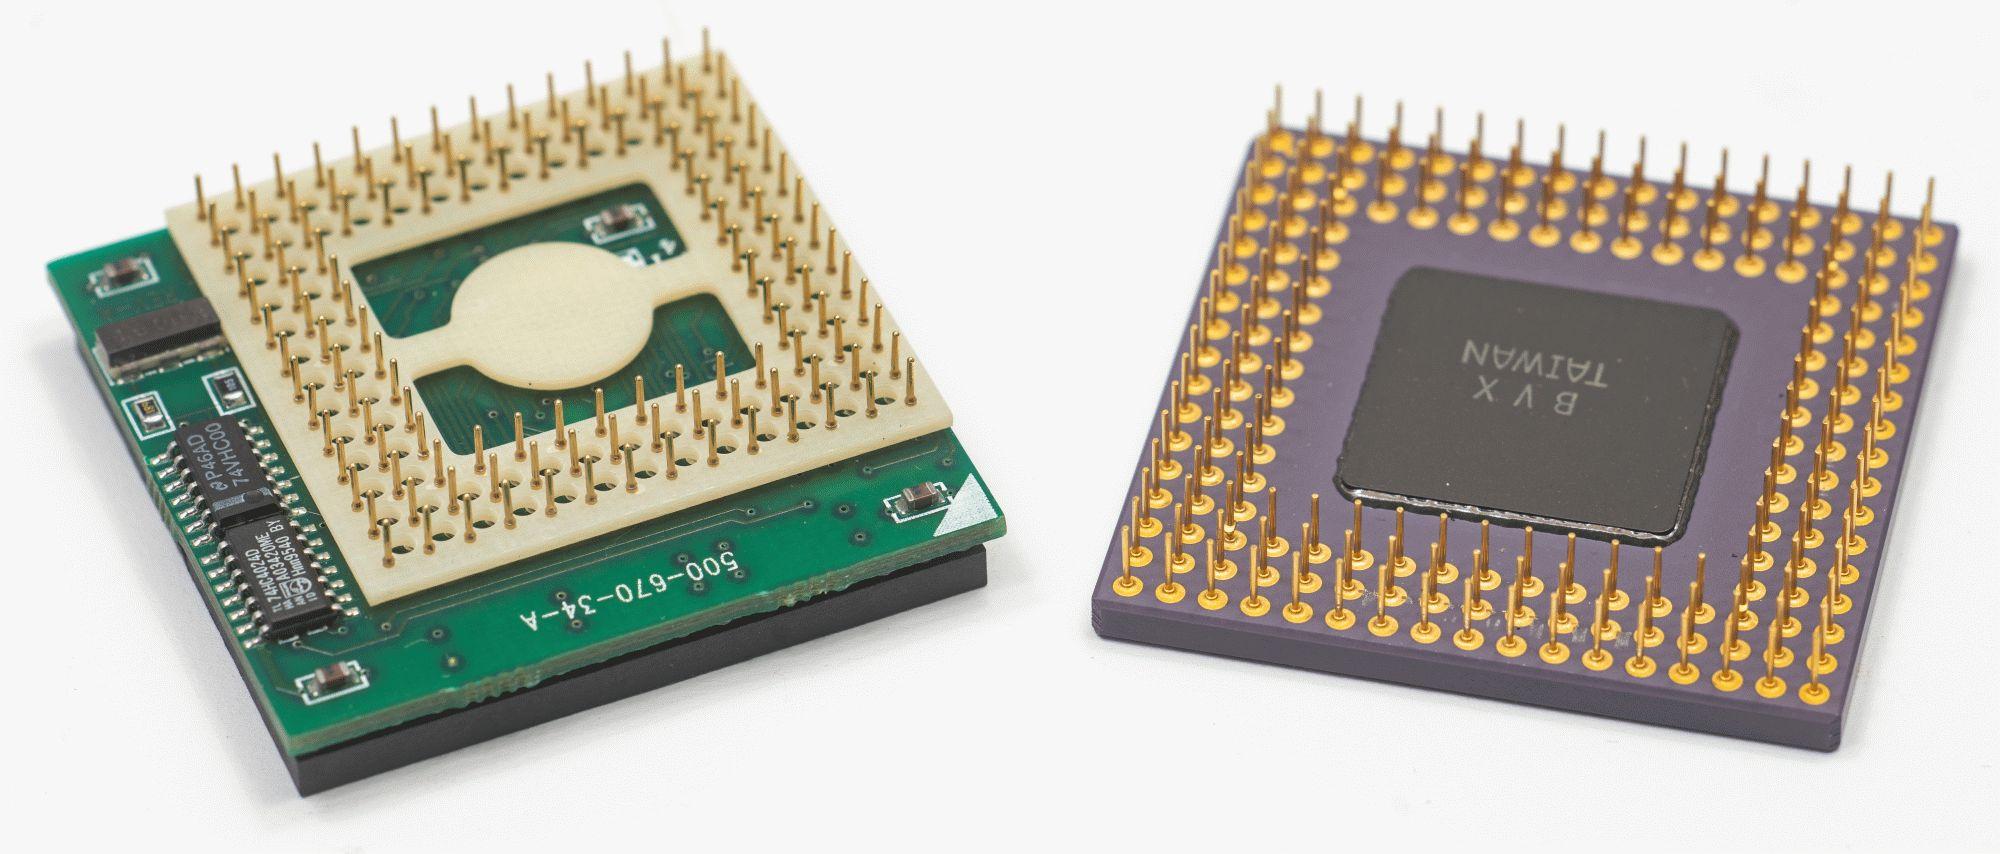 Древности: беспощадный апгрейд 386-го компьютера - 20